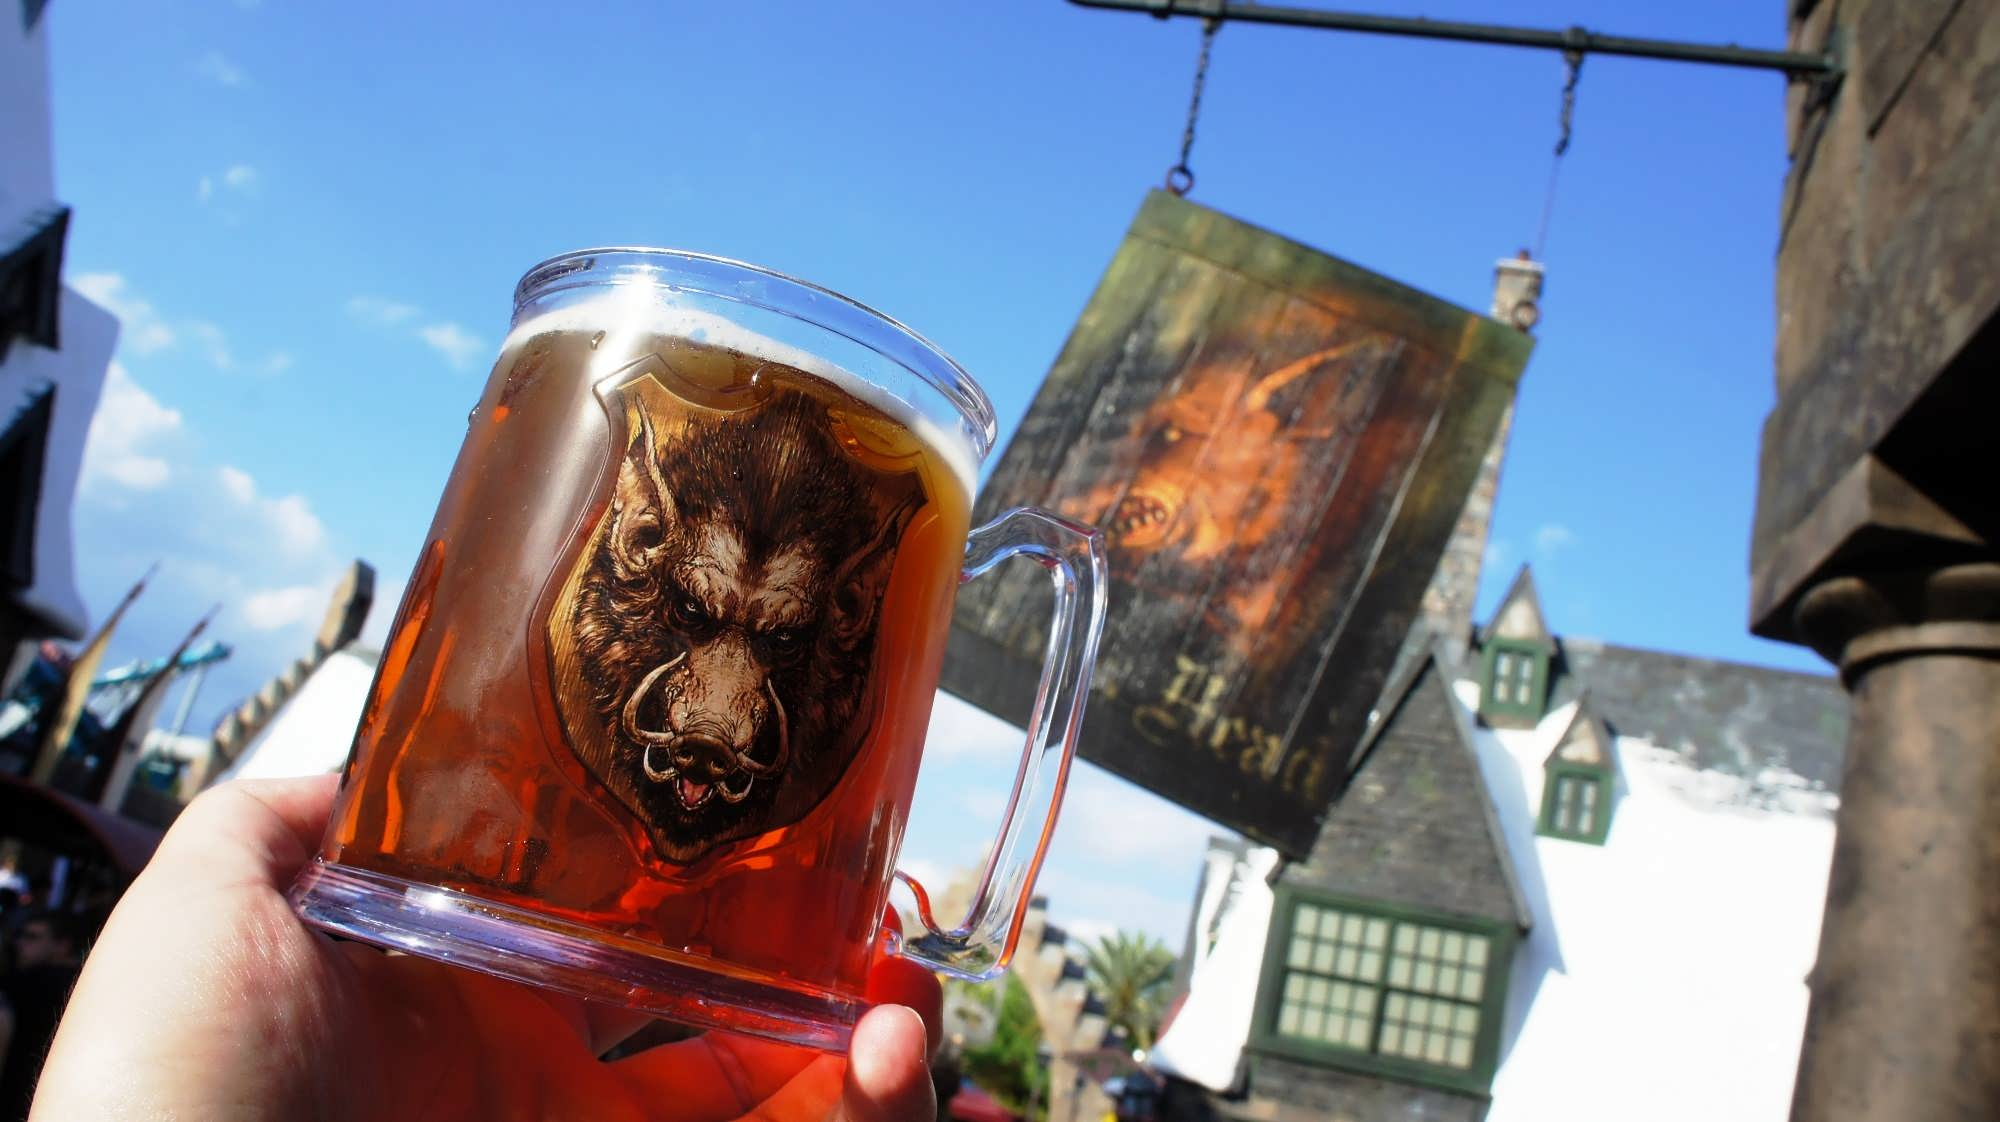 Souvenir Hogshead mug